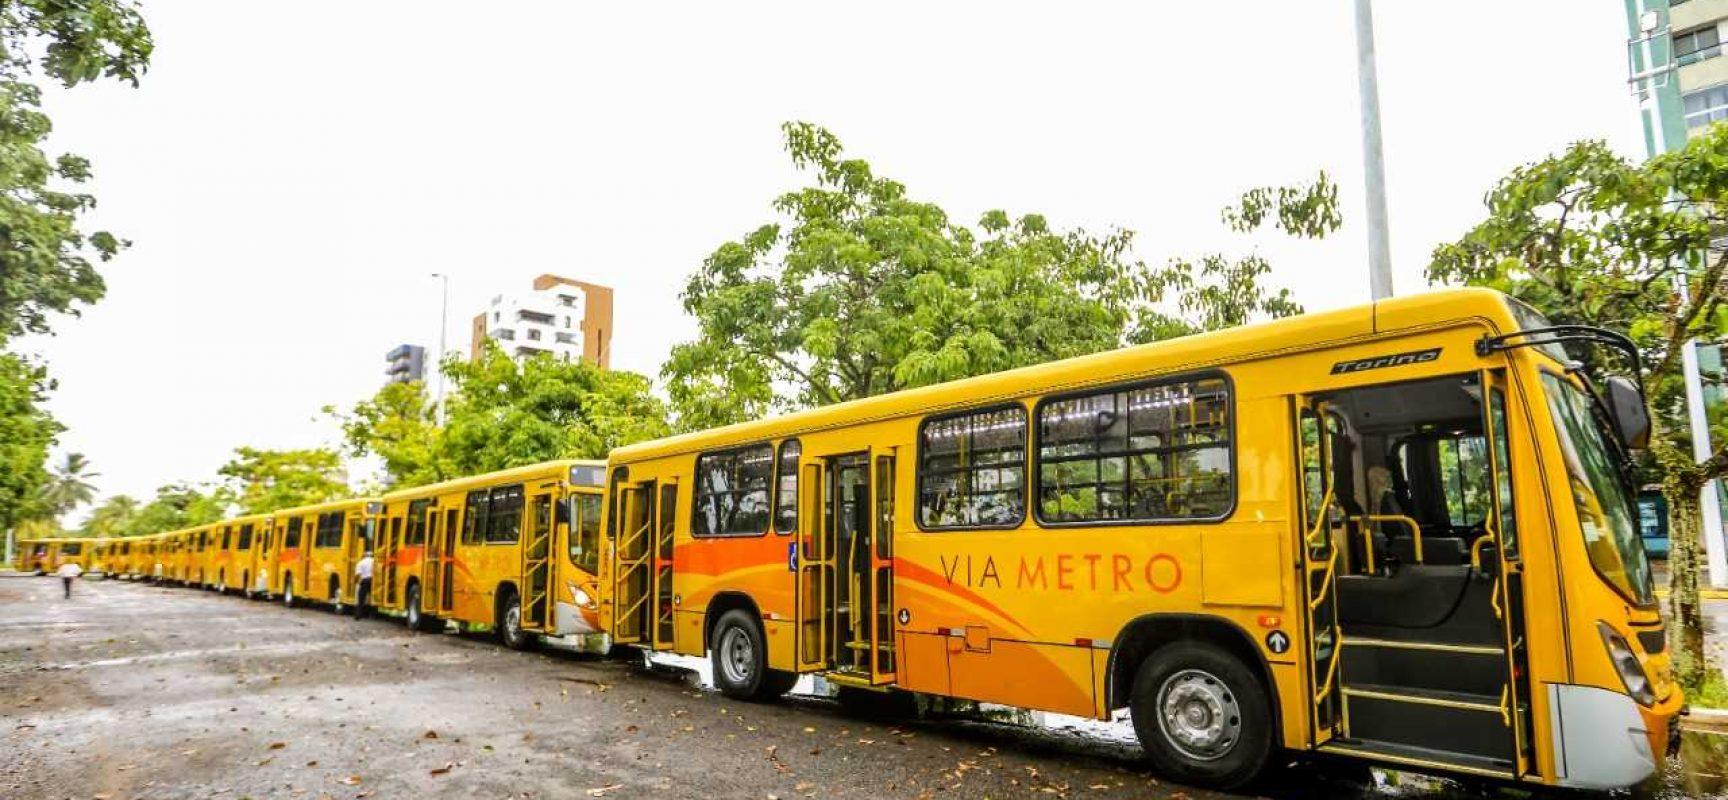 Viametro antecipa a entrega de 10 novos ônibus para a cidade de Ilhéus